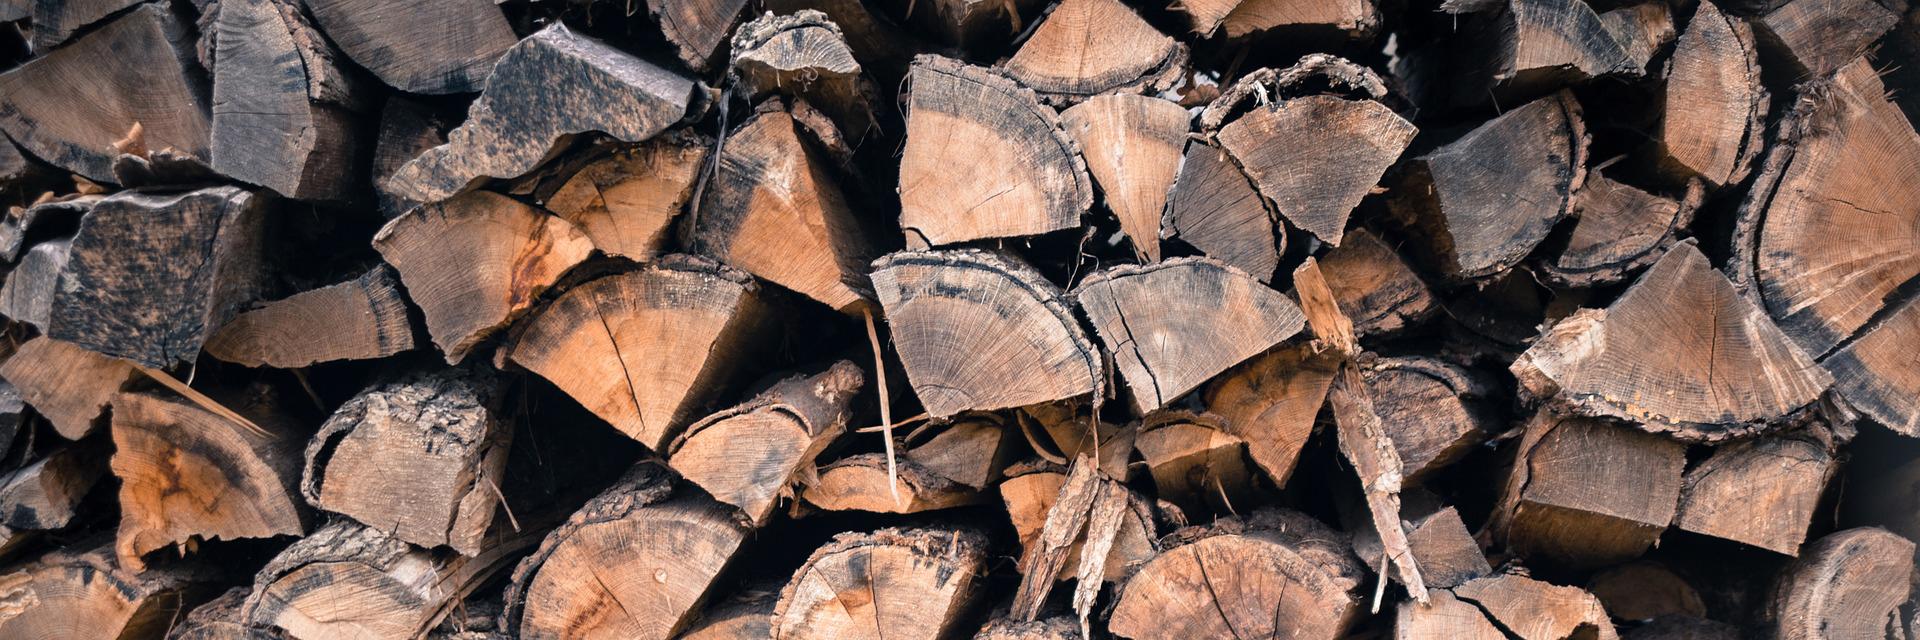 Brennholz aus Cottbus liefern lassen von track-transporte Brandenburg